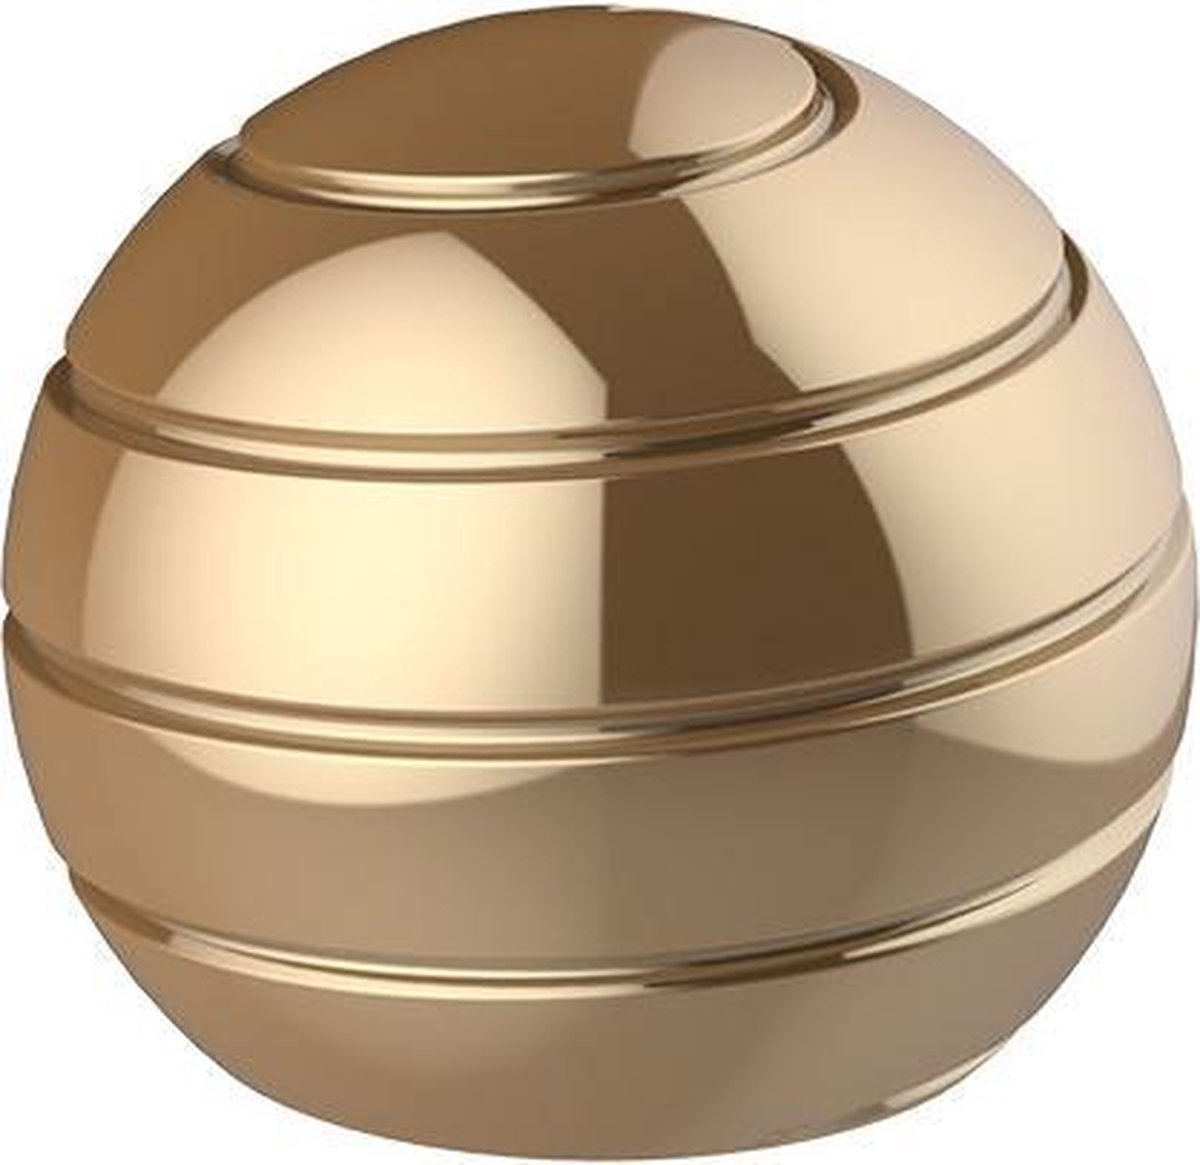 Fidget spinner - Gyroscoop - Tol - Stressbal - Mesmobal - Volwassenen - Kinderen - Bureau accessoire - Metaal - Goud